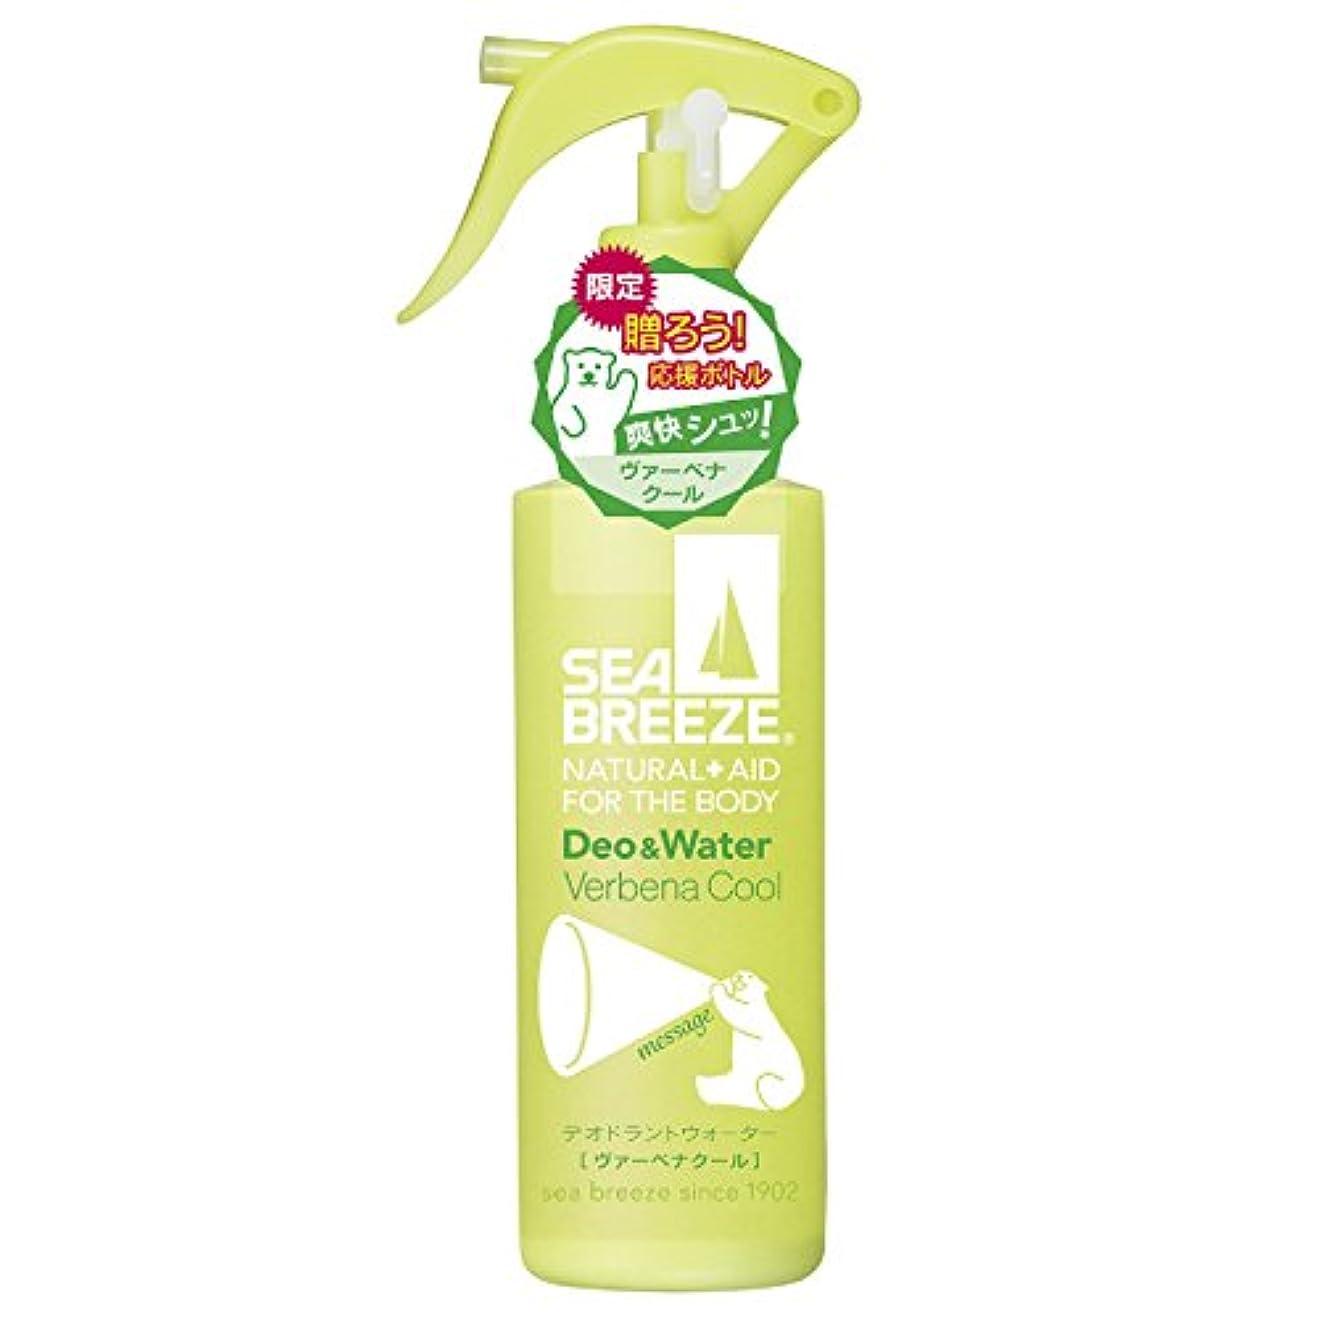 スペル許容禁輸シーブリーズ デオ&ウォーター トリガータイプ ヴァーベナクールの香り 160ml